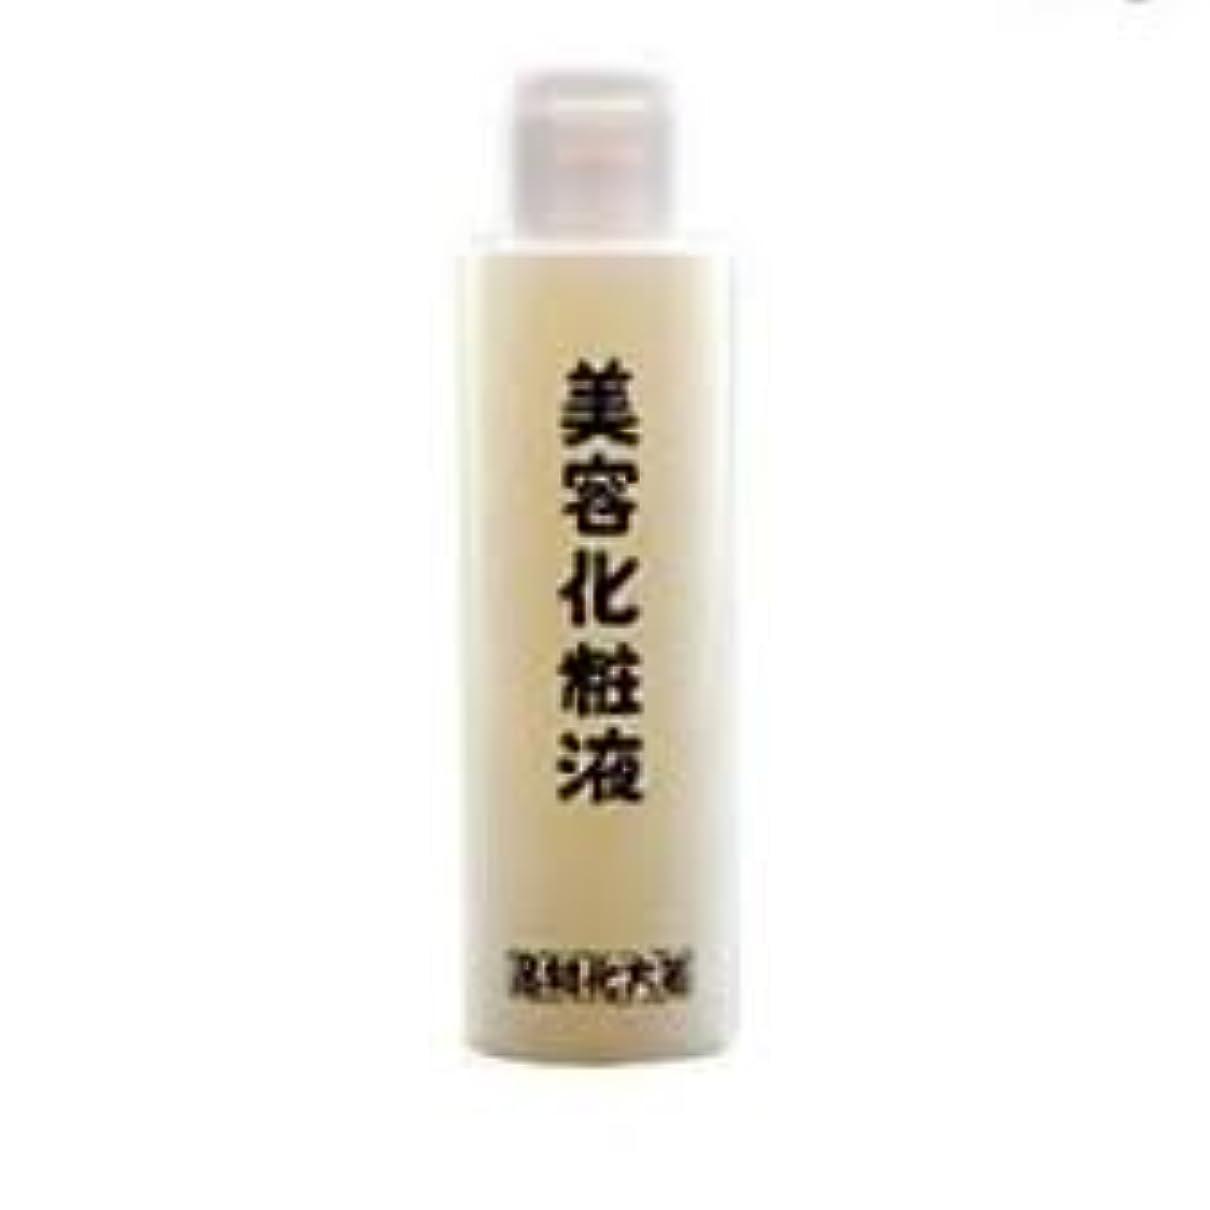 楽しい巻き取りチューインガム箸方化粧品 美容化粧液 化粧水 120ml はしかた化粧品